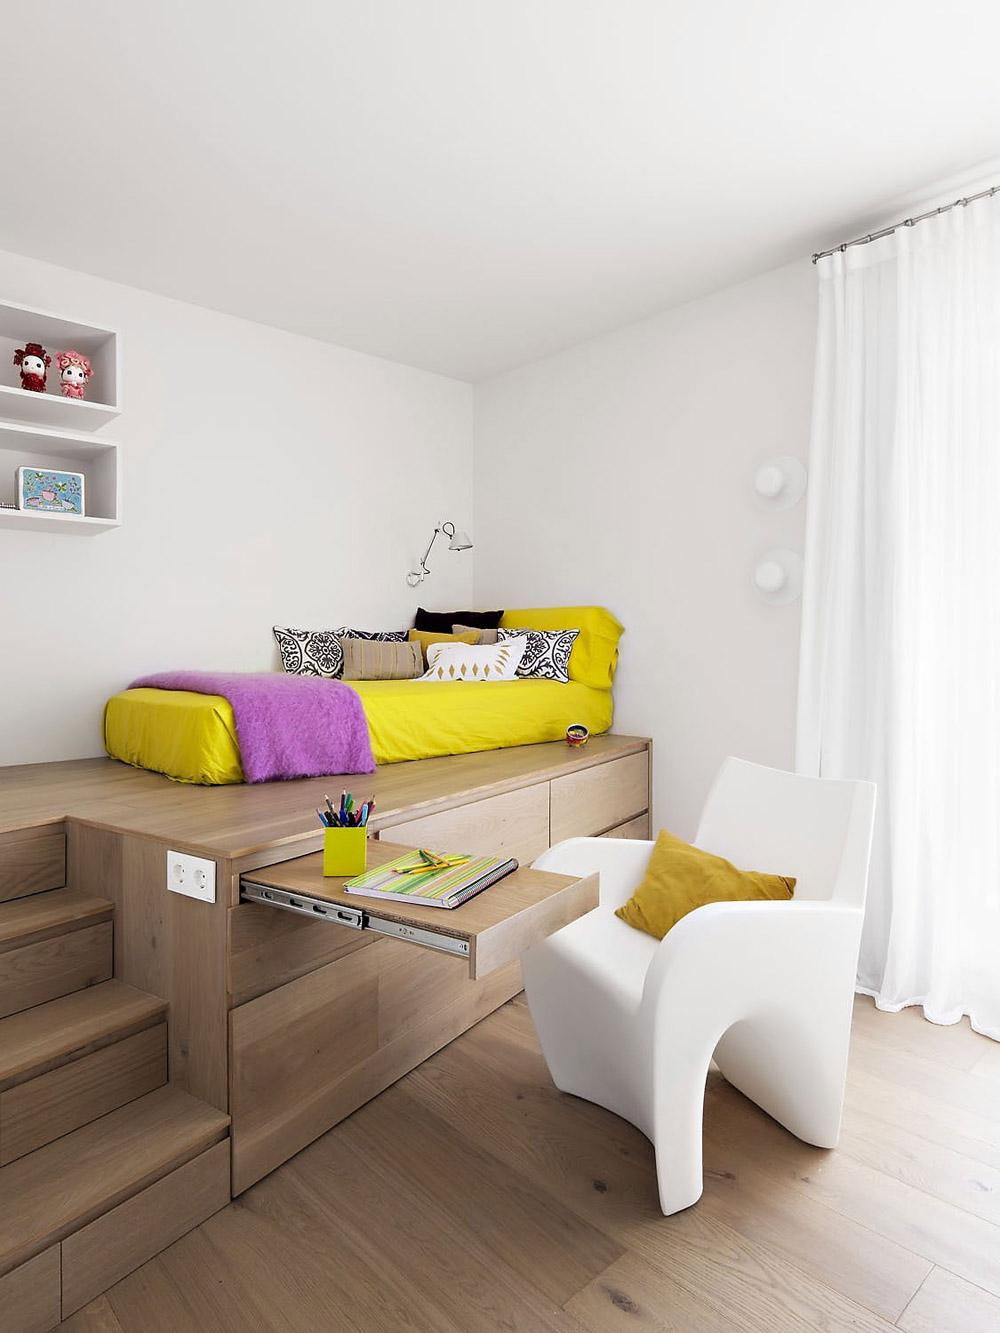 Bedroom, Vivienda en Llaveneres by Susanna Cots